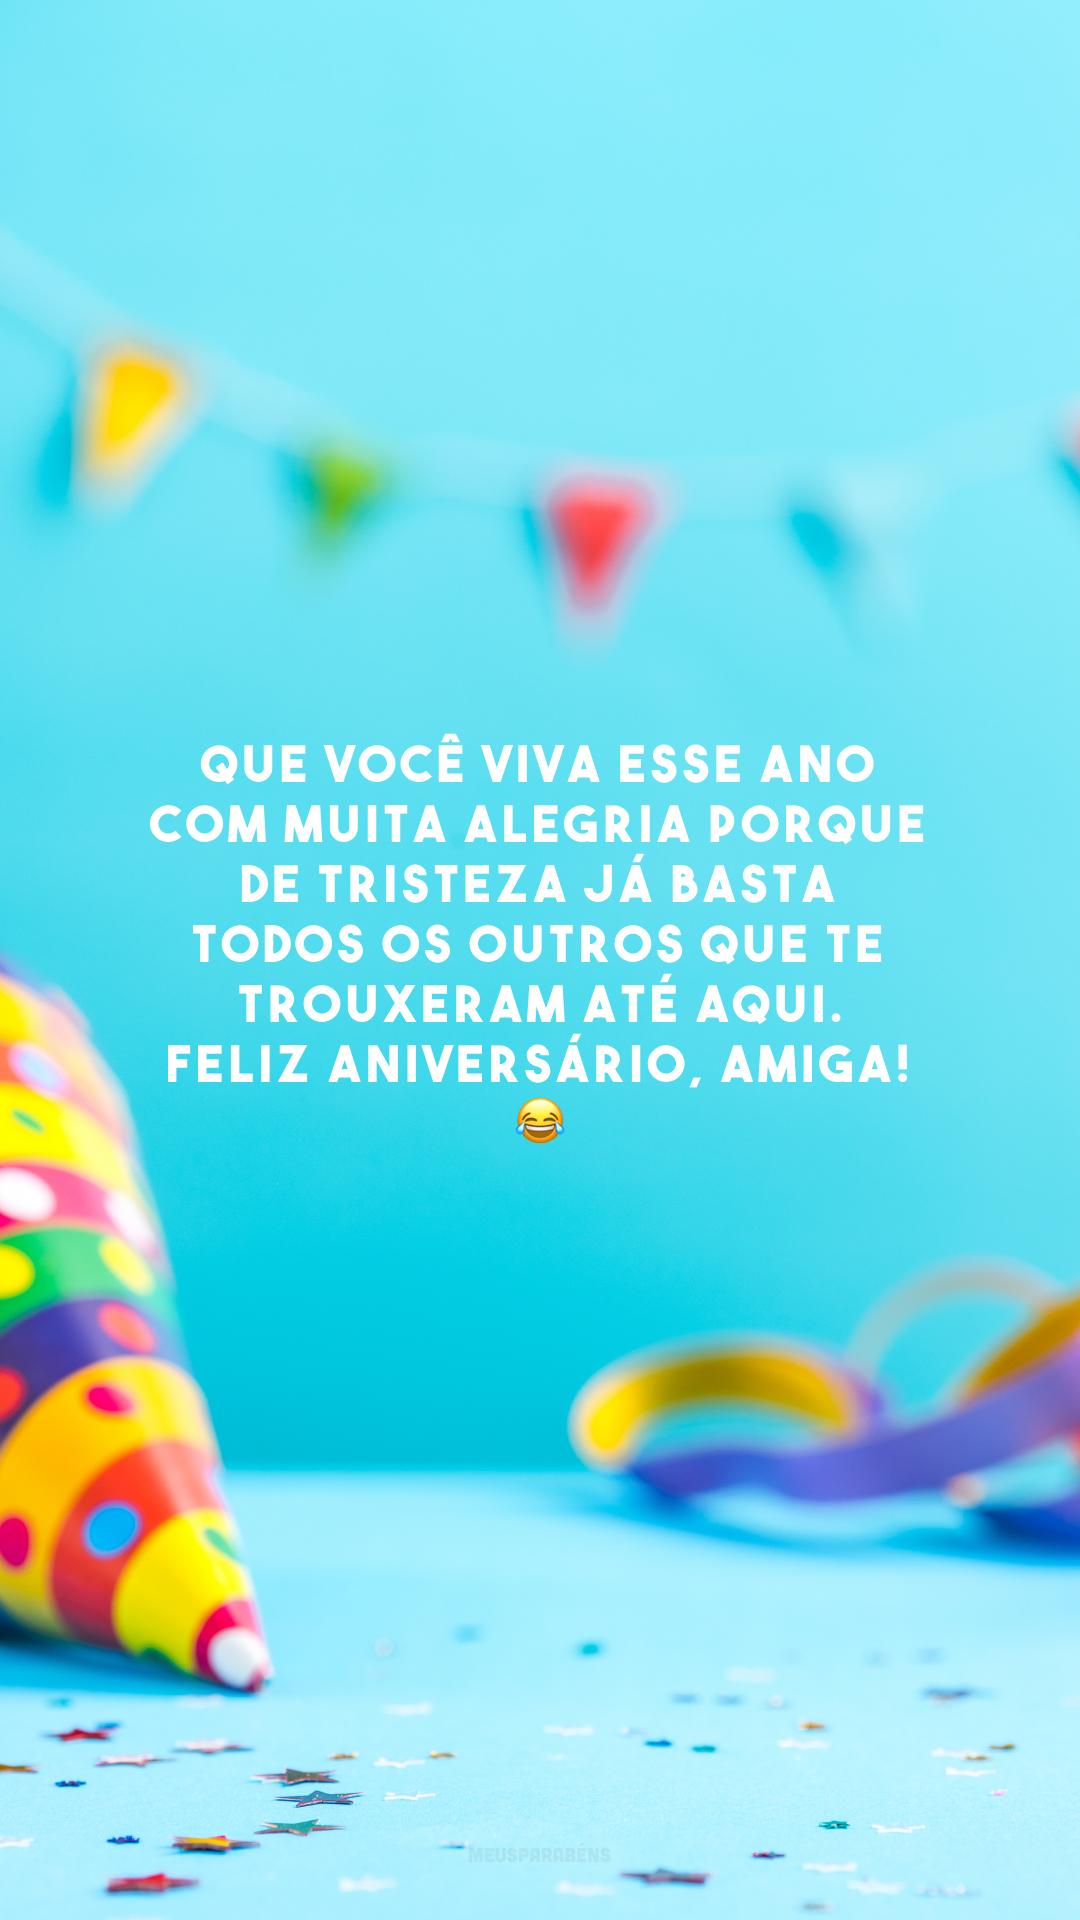 Que você viva esse ano com muita alegria porque de tristeza já basta todos os outros que te trouxeram até aqui. Feliz aniversário, amiga! 😂